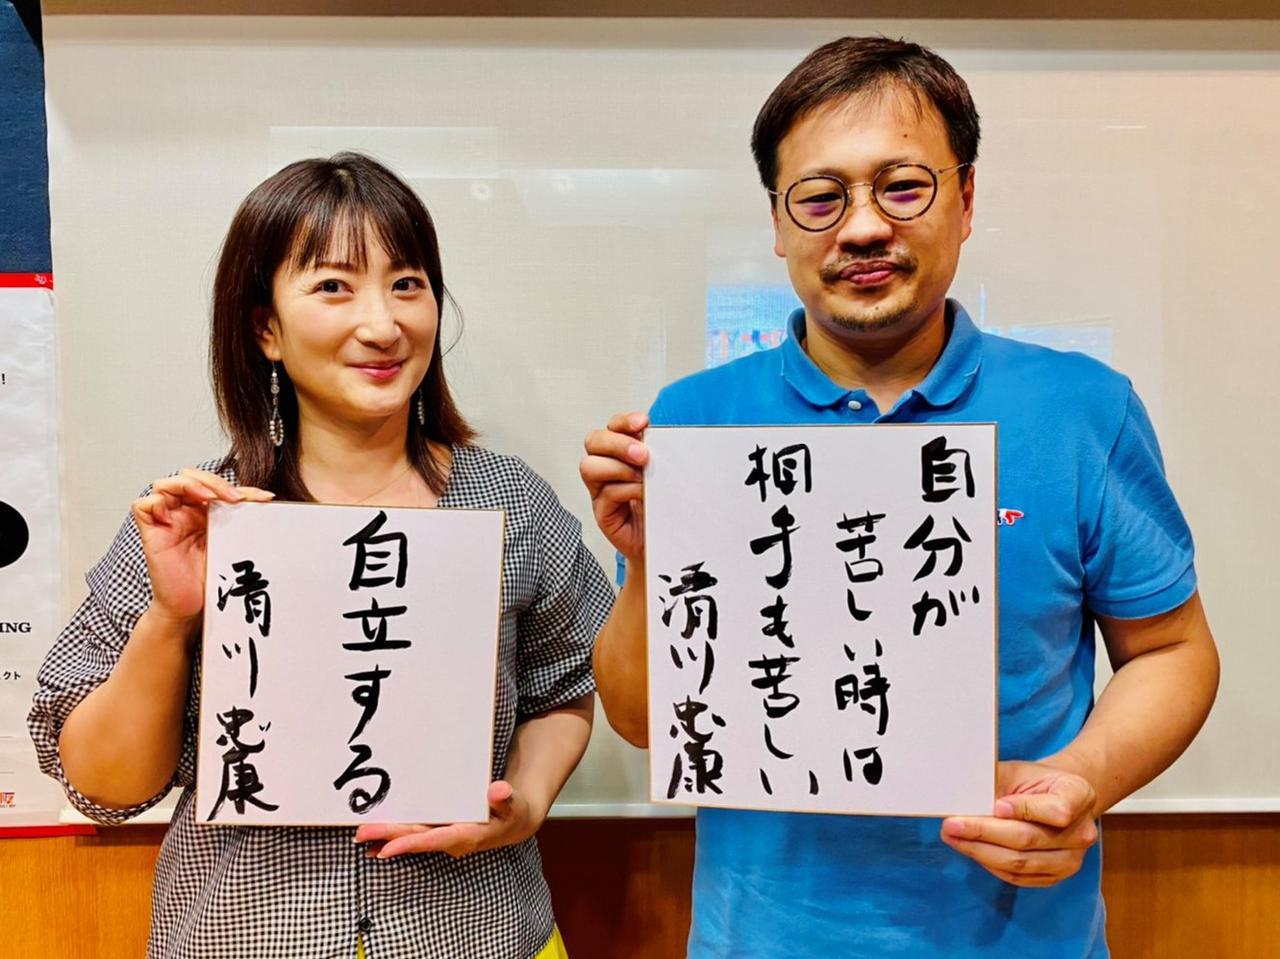 画像: 6/27(日) Game Changer #30 Oh My Glasses 清川社長の直筆色紙をプレゼント!